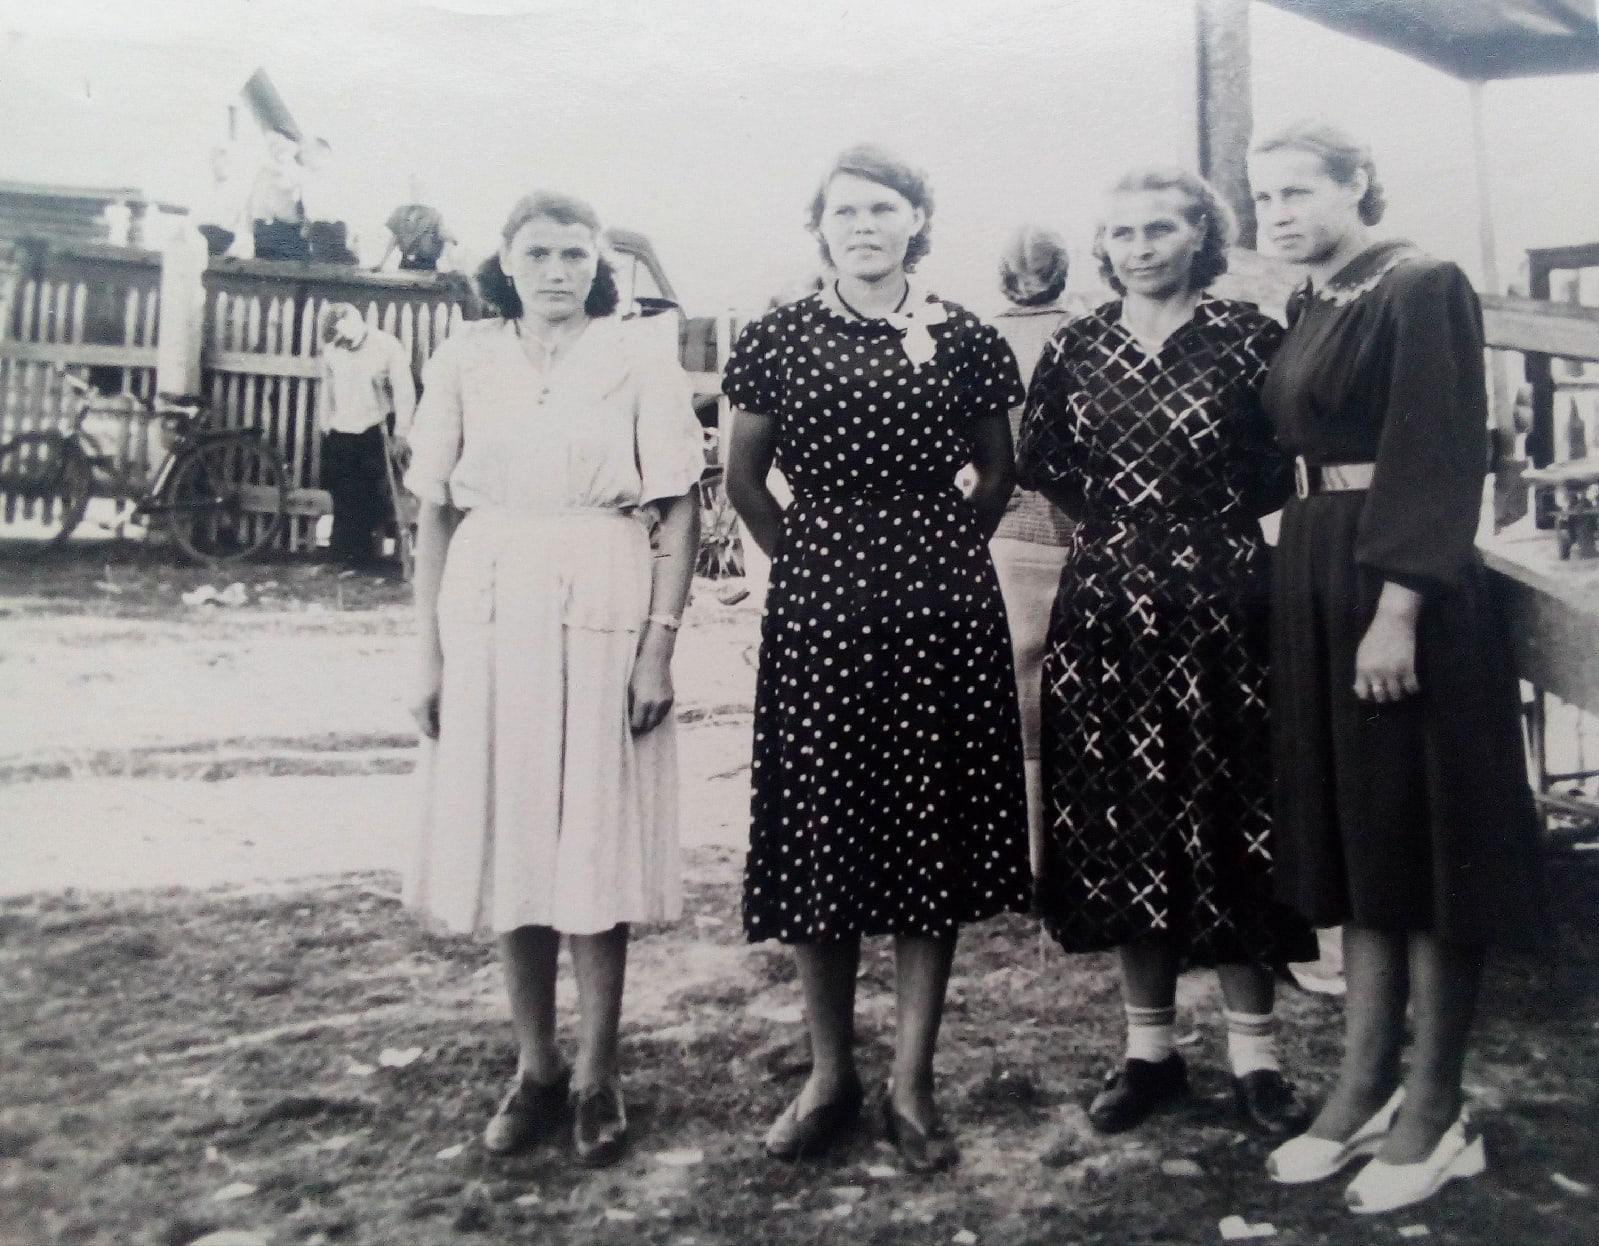 Фото 1950-ых годов, п.Коноша, День железнодорожника на